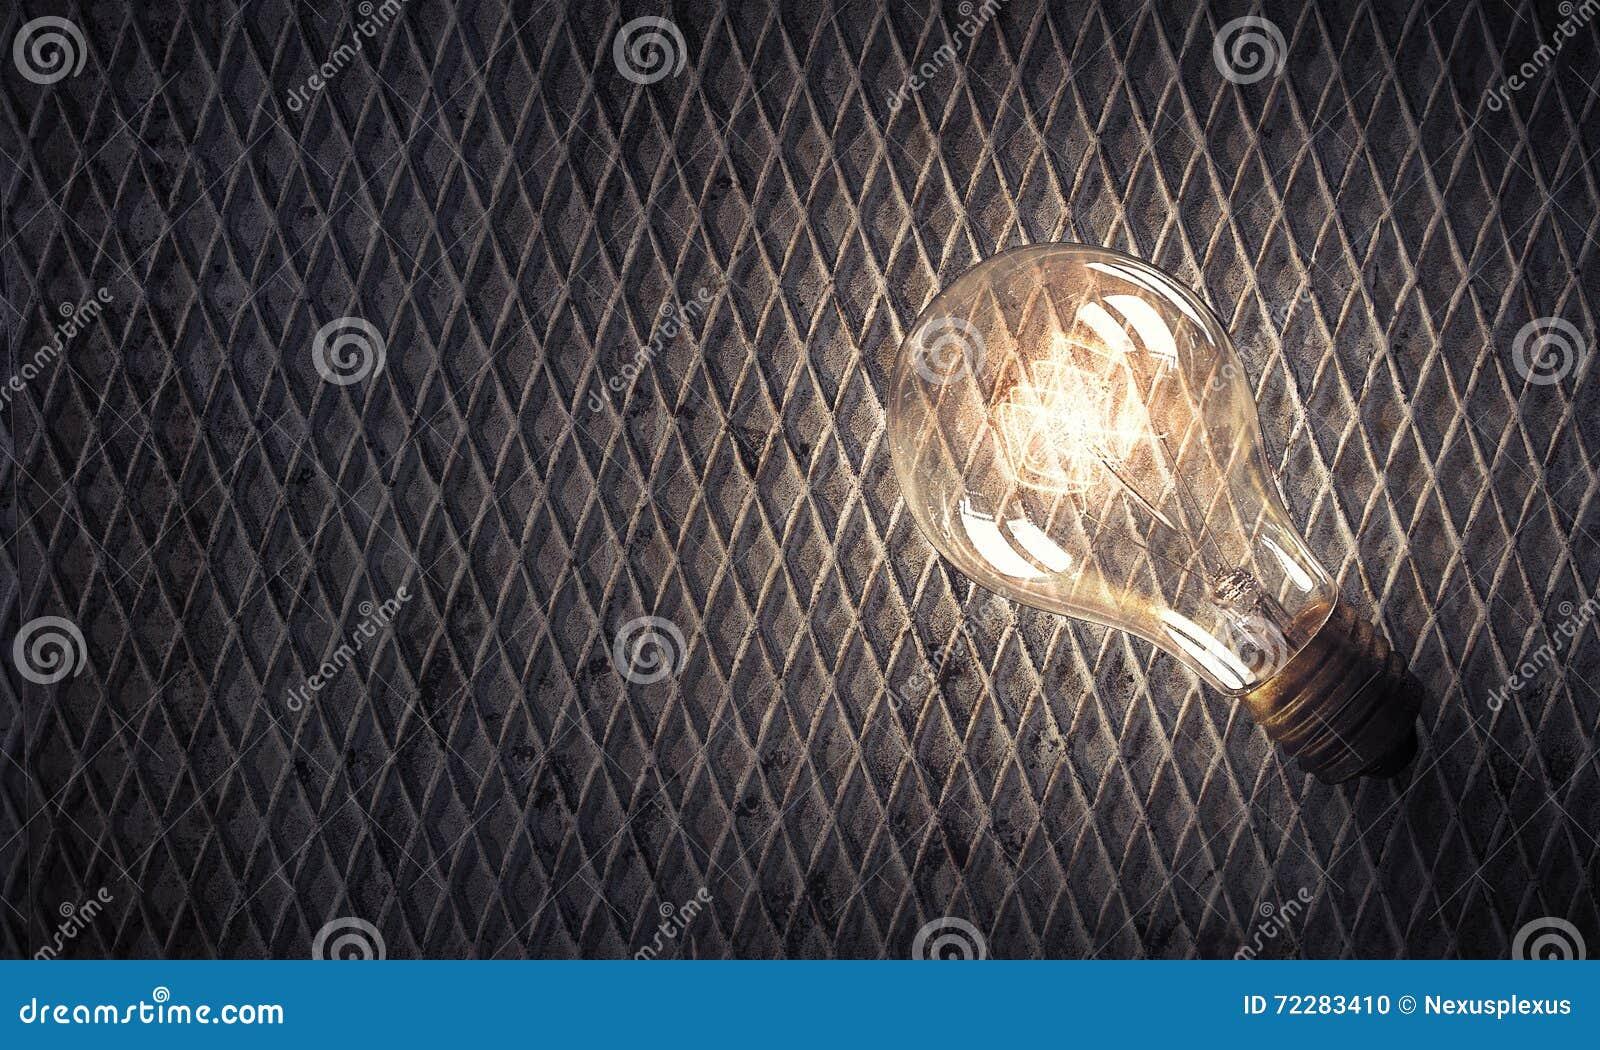 Электрическая лампочка на каменной поверхности